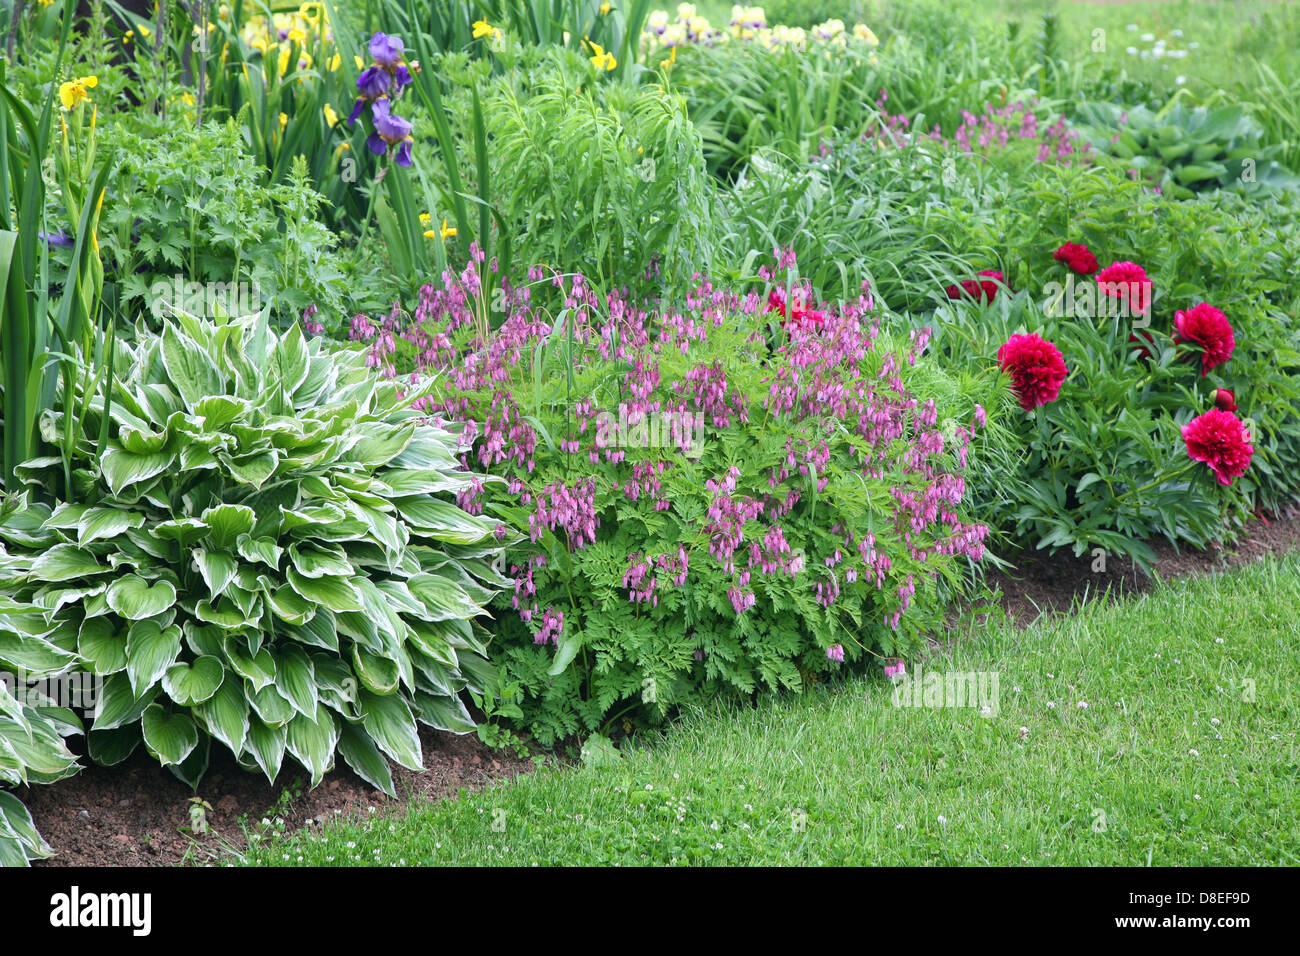 Backyard perennial garden containing late summer flowering stock backyard perennial garden containing late summer flowering perennials mightylinksfo